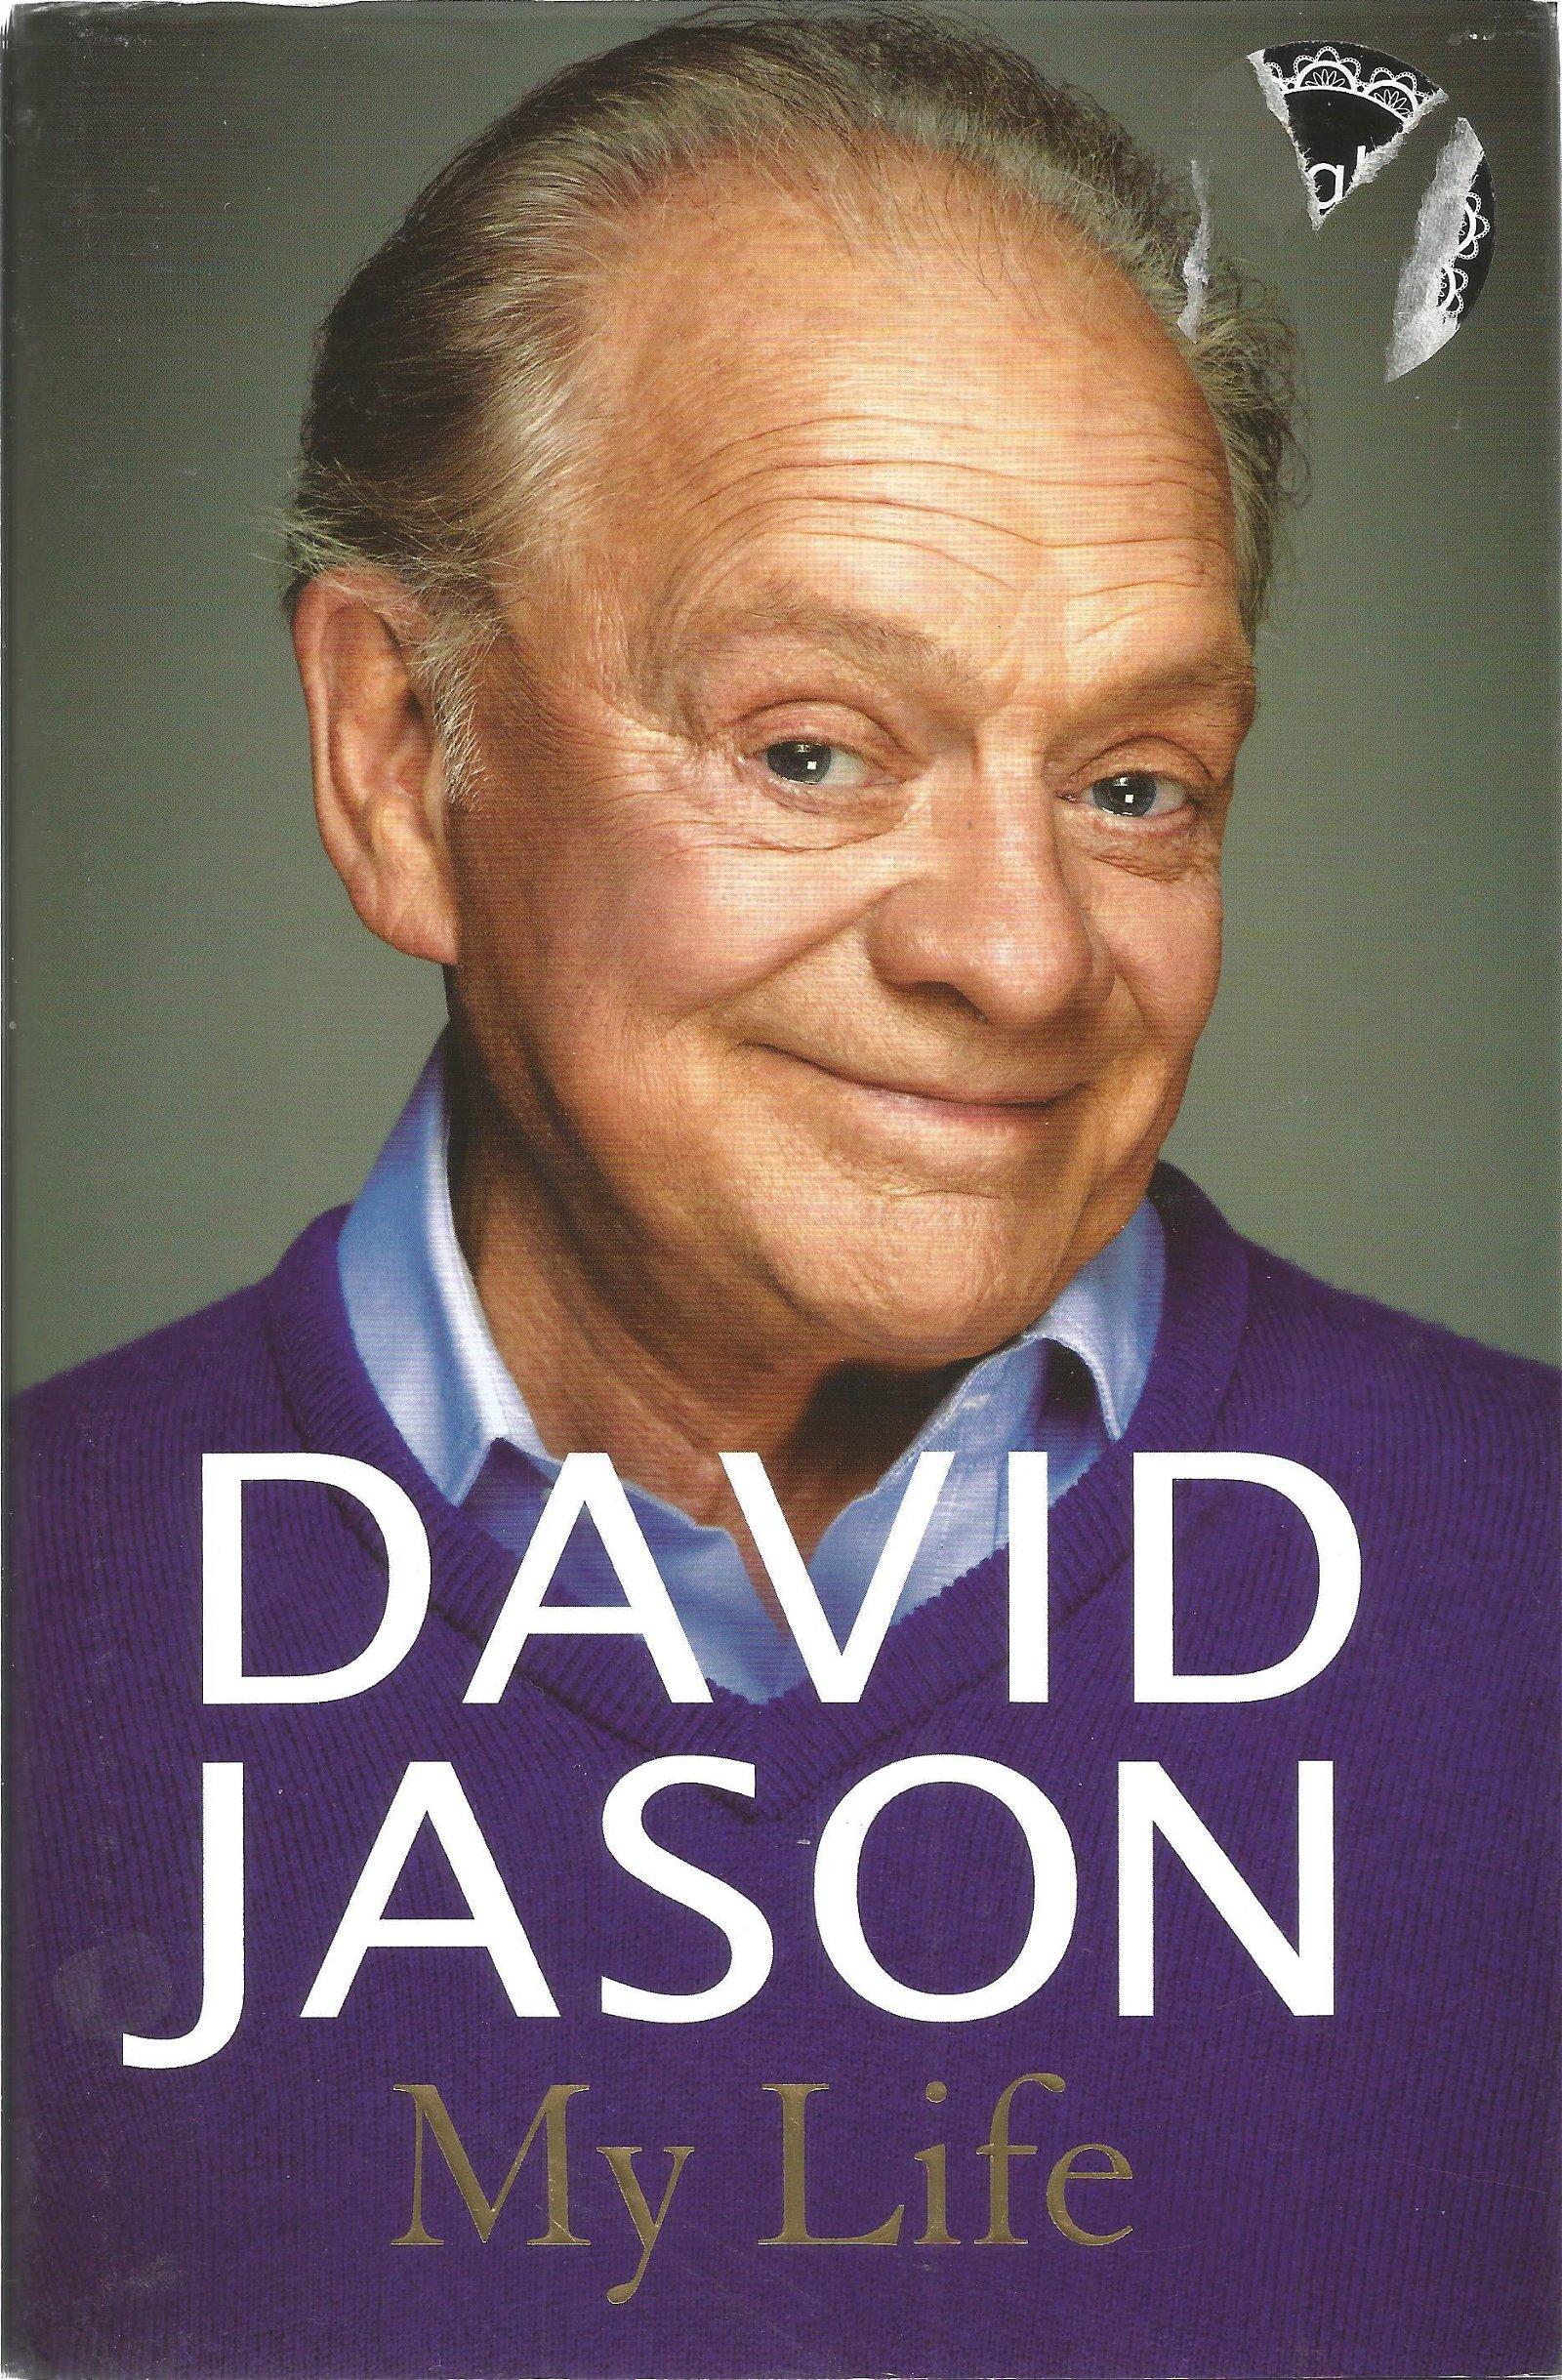 David Jason signed My Life hardback book. Signed on